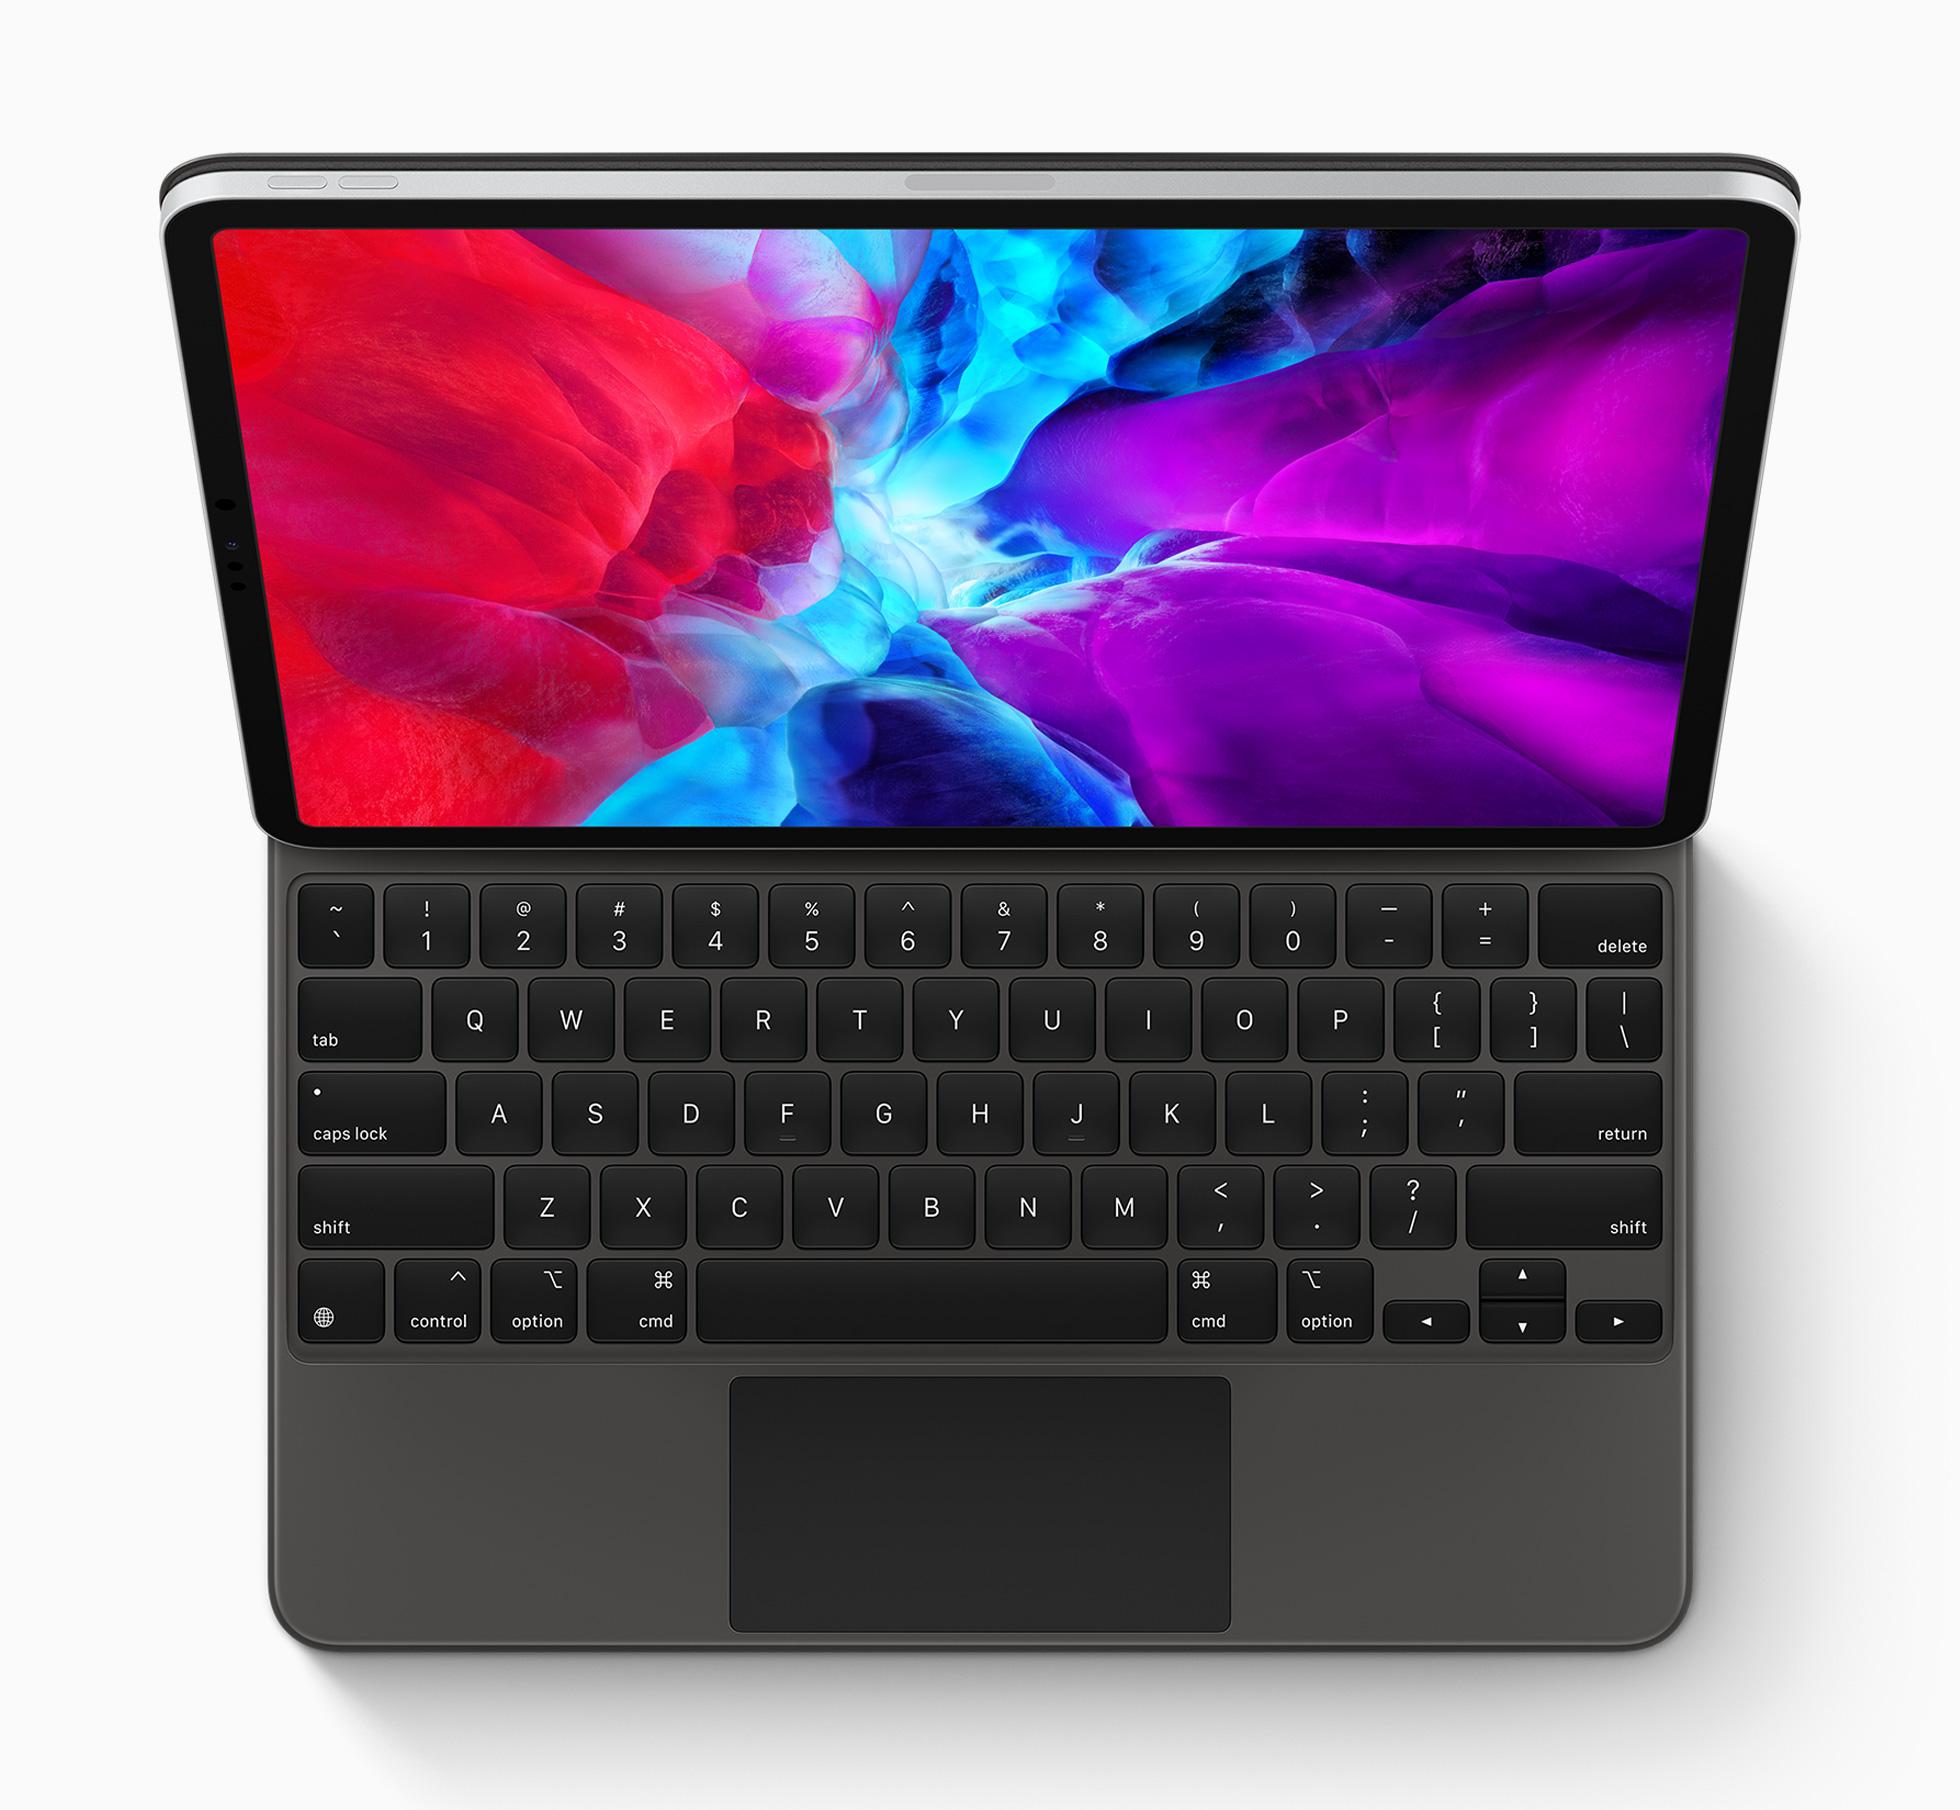 Apple: Neues iPad Pro kommt mit Lidar und cleverer Tastatur - Das Magic Keyboard hat Butterfly-Tasten und ein Touchpad. (Bild: Apple)